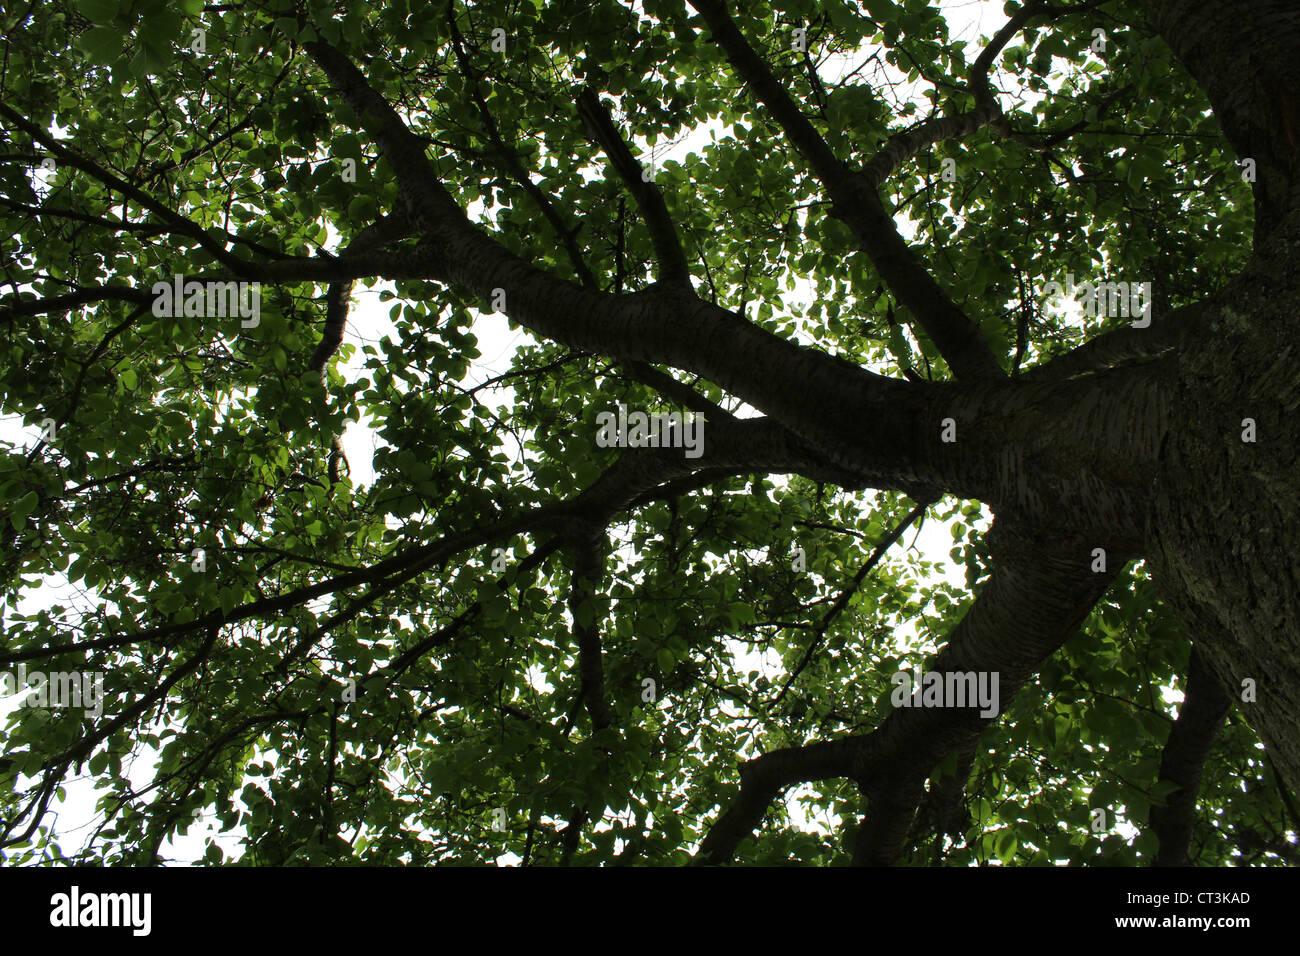 L'obscurité de l'arbre (le dessous d'un vieux saule). Photo Stock